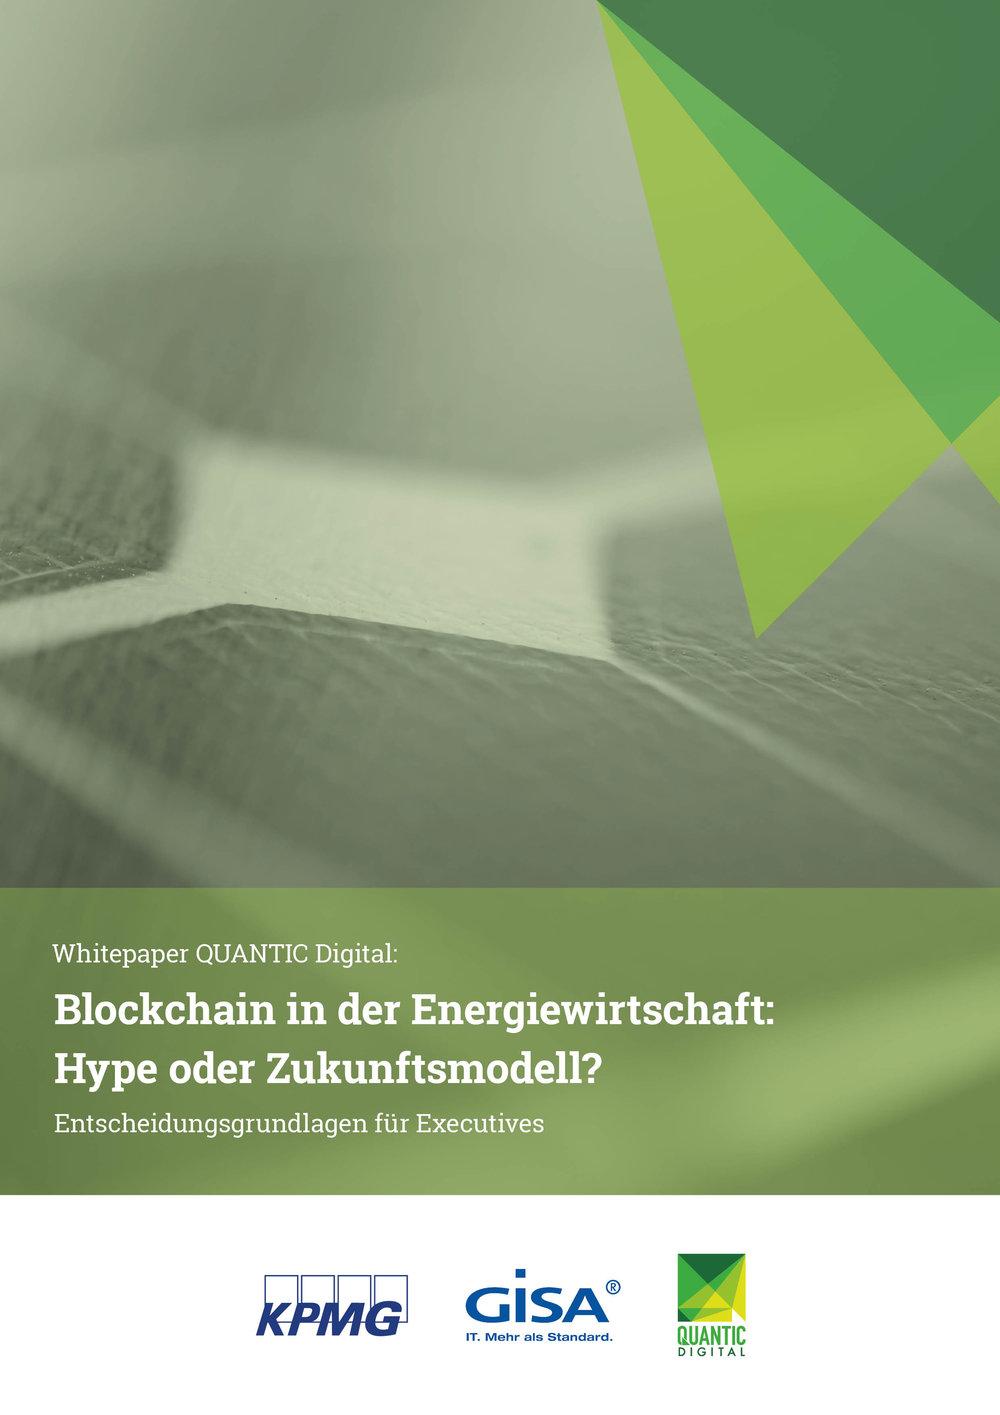 Whitepaper-Blockchain-in-der-Energiewirtschaft